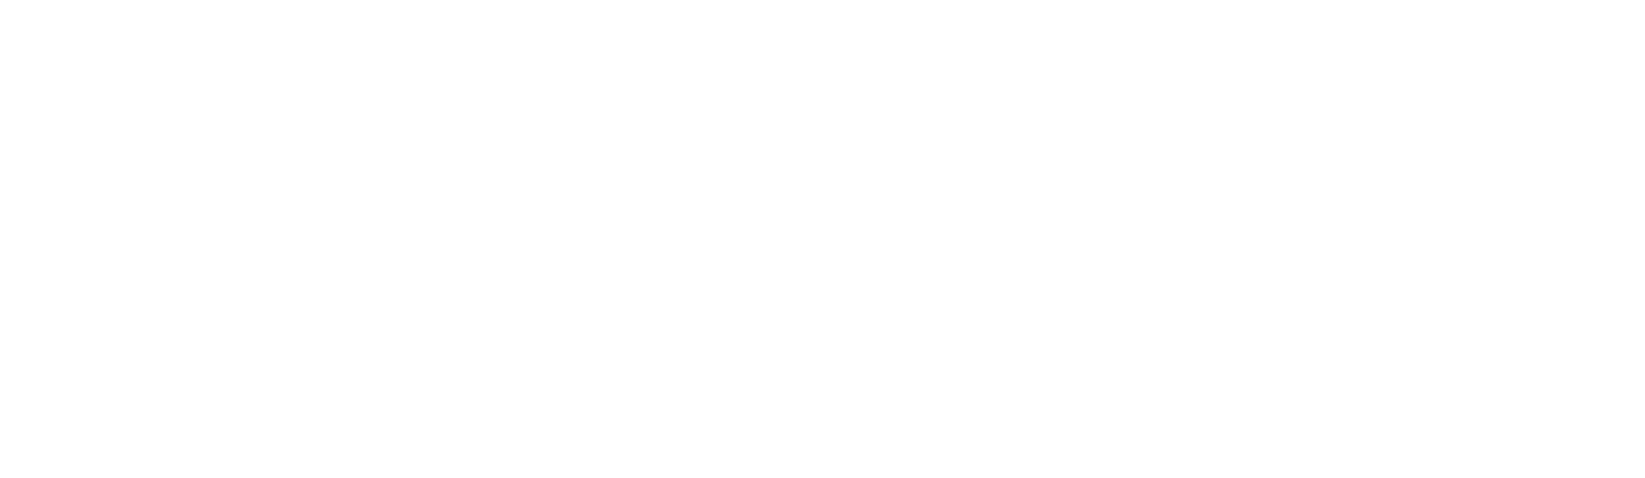 LOGO-Windermere-Utah-Gardner-Report-Q1-2021-Park-City